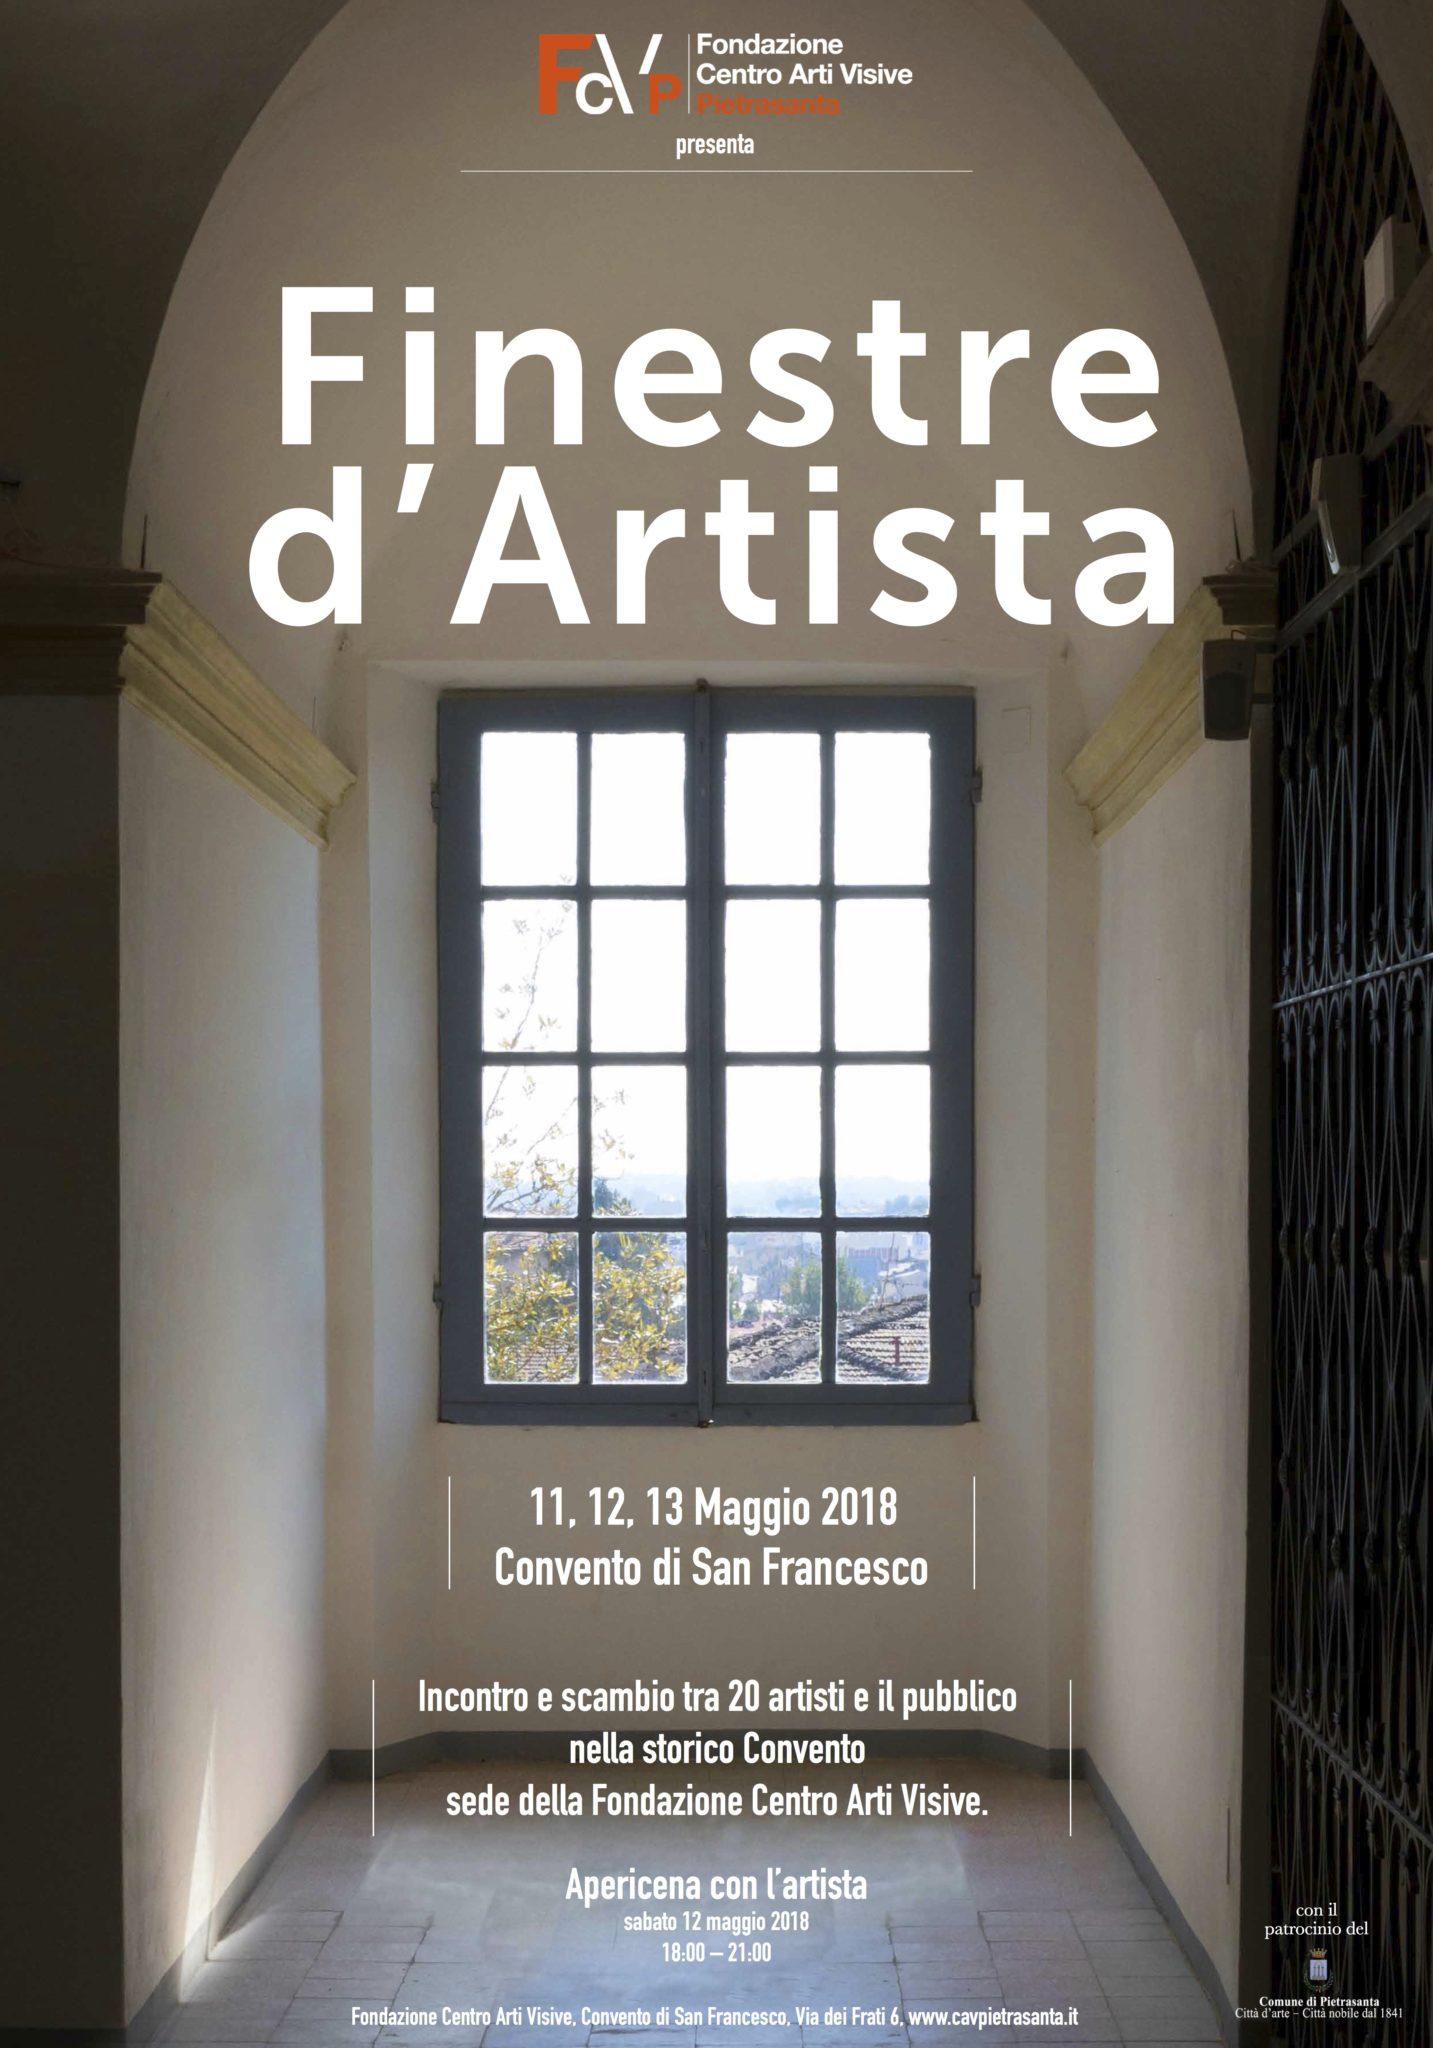 FINESTRE D'ARTISTA